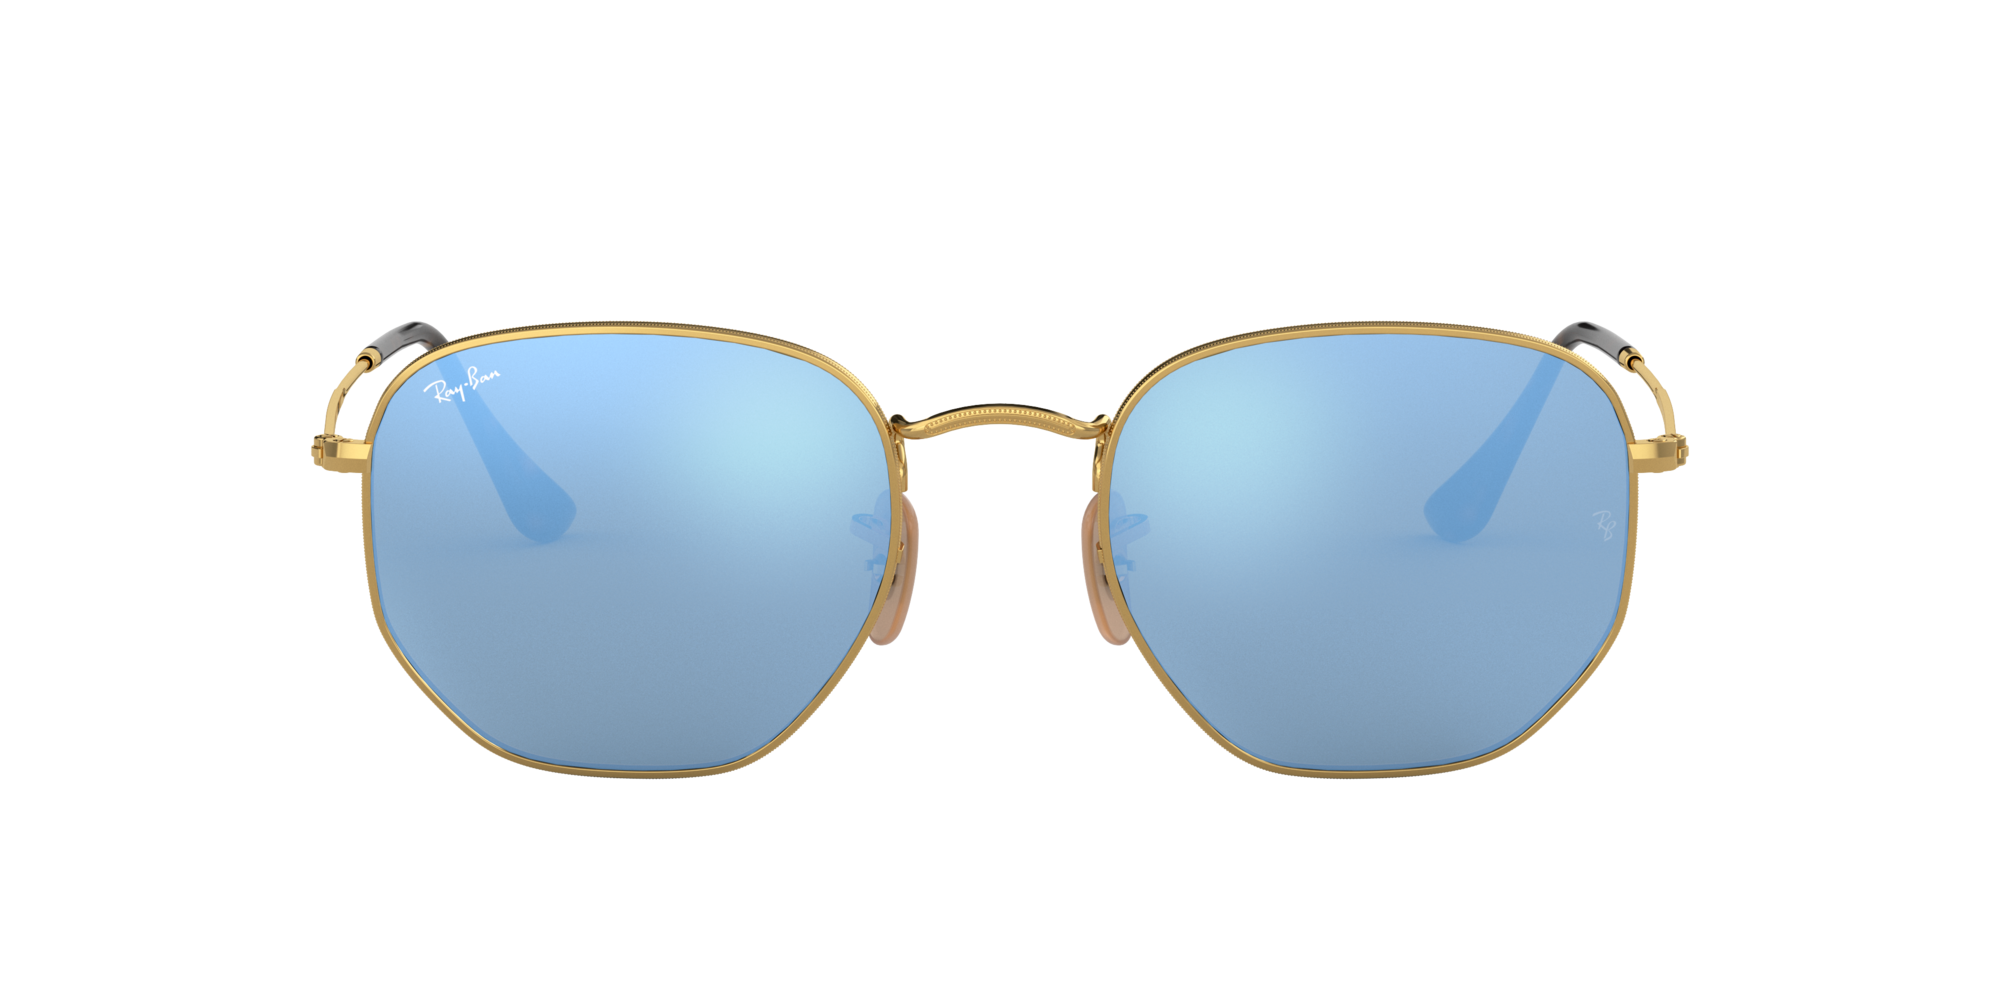 Imagen para RB3548N 51 HEXAGONAL de LensCrafters |  Espejuelos, espejuelos graduados en línea, gafas